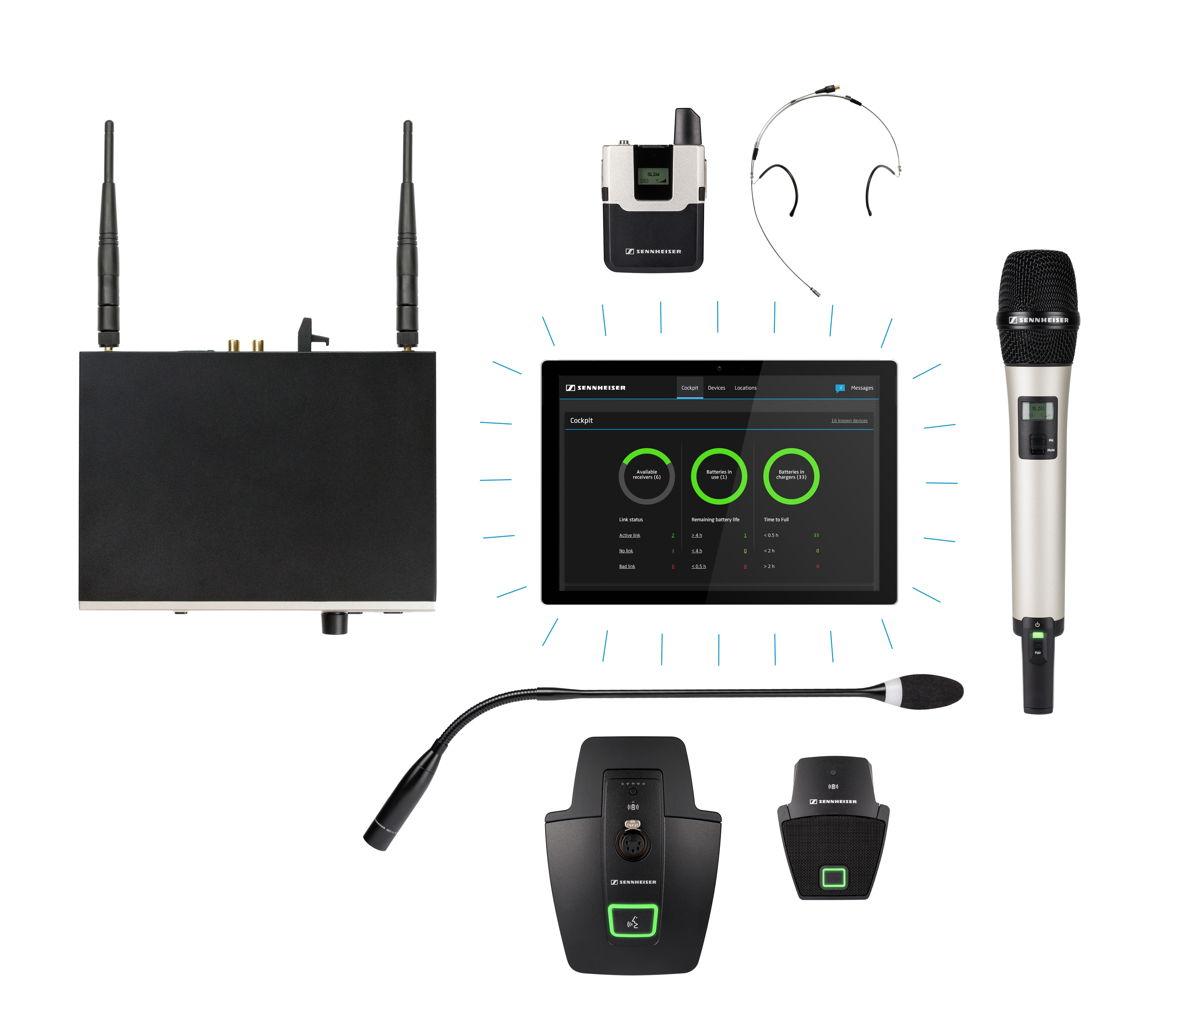 Надежная беспроводная система для студентов и преподавателей: SpeechLine Digital Wireless  предлагает гибкие аудио решения для лекций, семинаров и панельных дискуссий